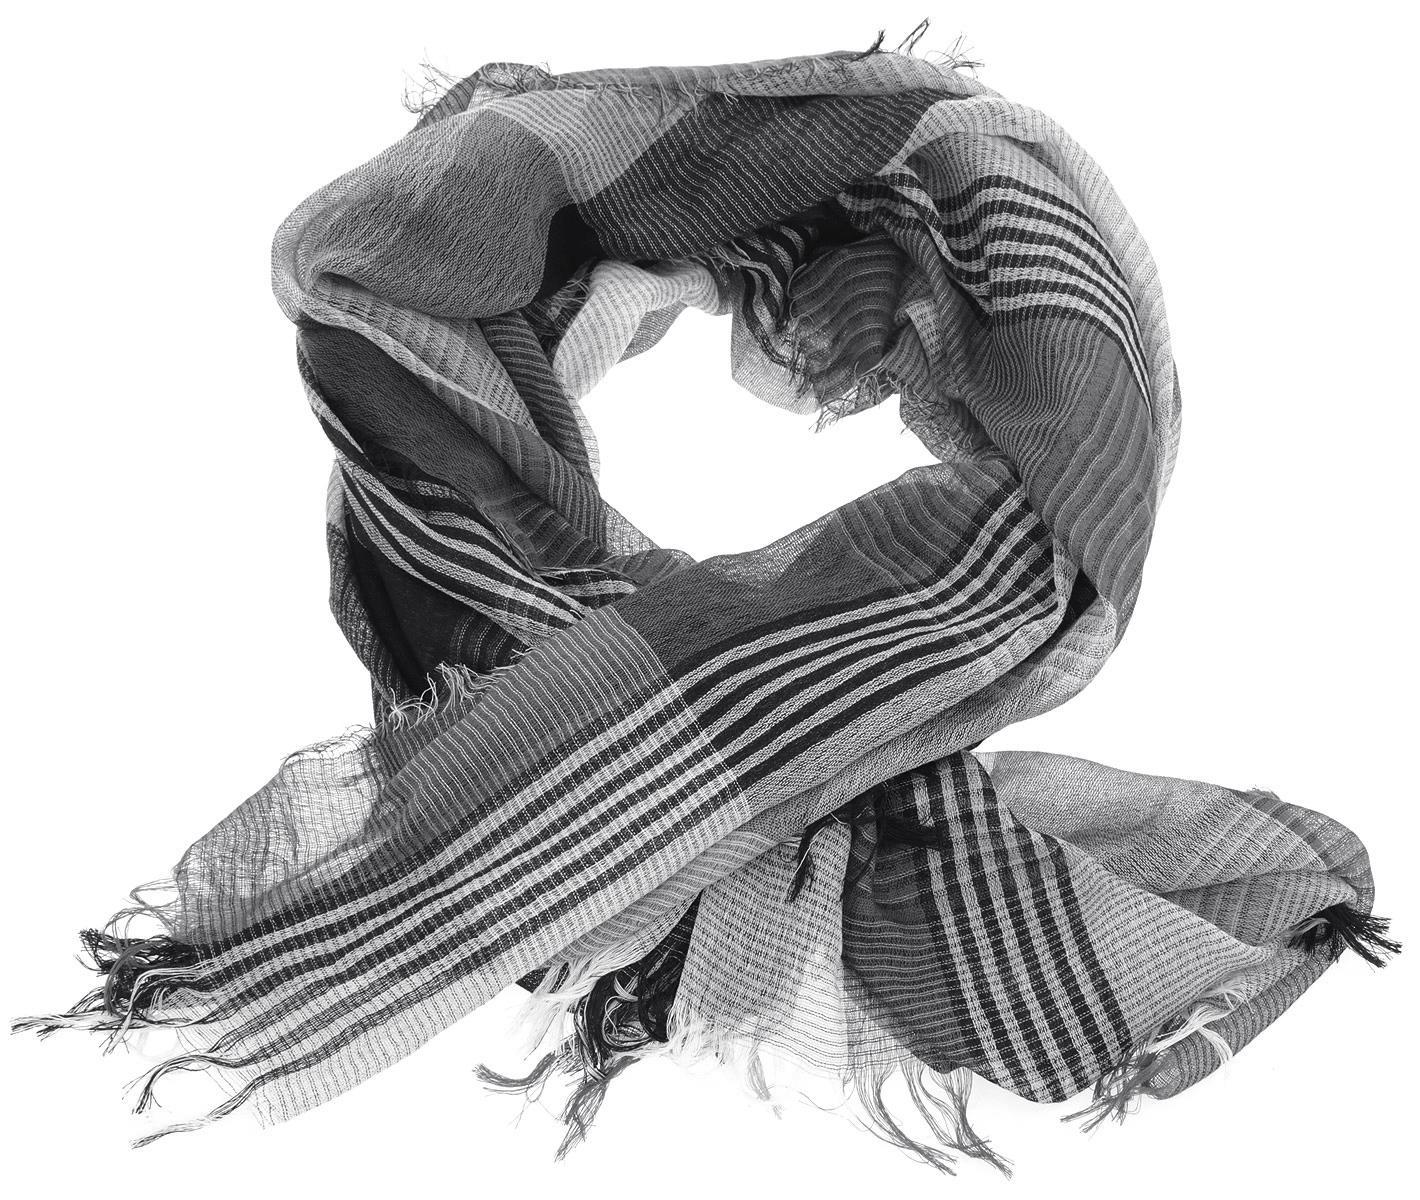 Палантин. DP06012-3DP06012-3Воздушный палантин Fiona Fantozzi выполнен из вискозы с добавлением шерсти и хлопка, украшен актуальным принтом в клетку. Края изделия по периметру оформлены бахромой. Великолепный палантин Laura Biagiotti сочетает в себе вечную классику и современные тренды.